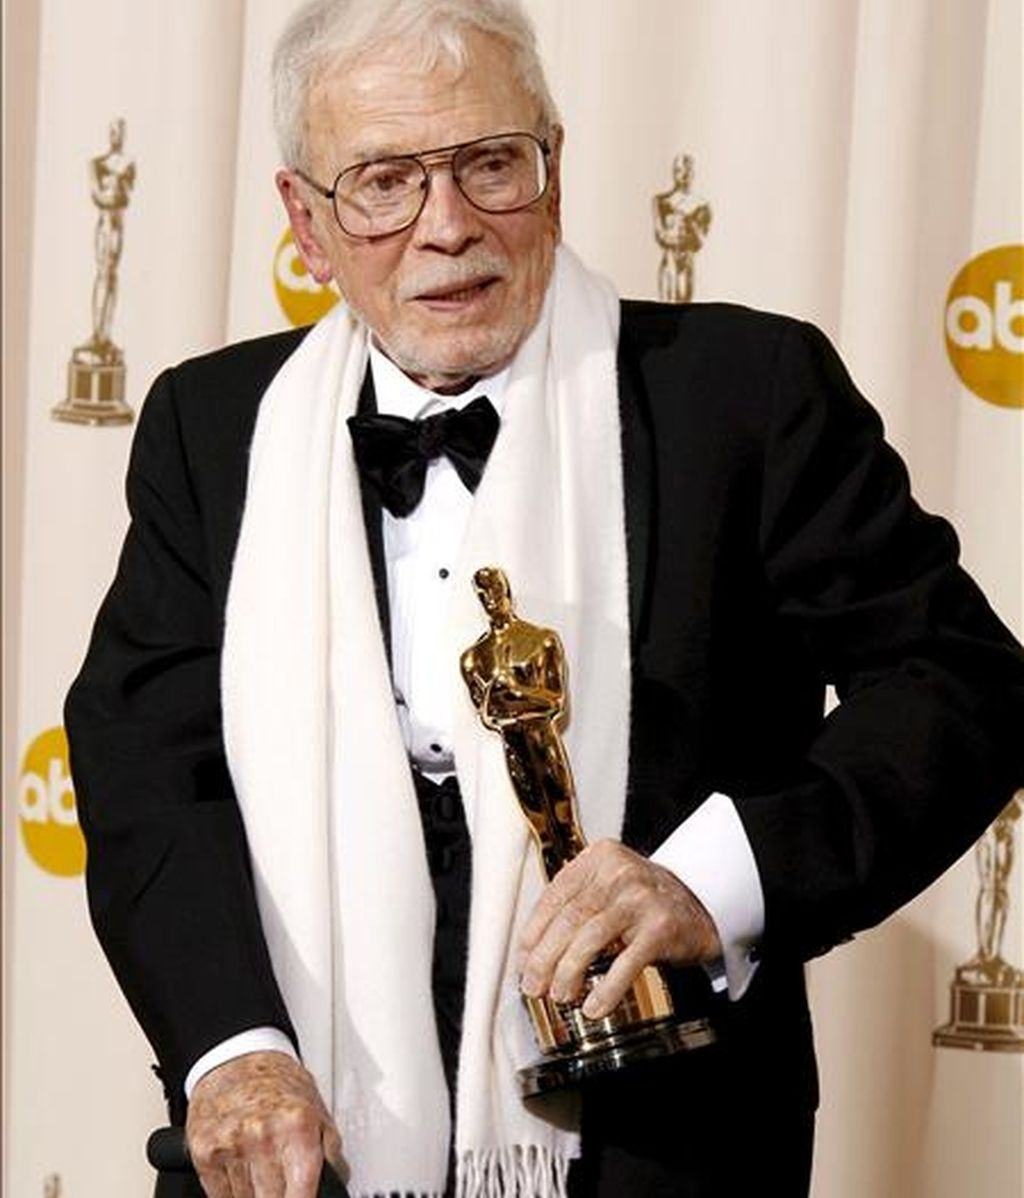 Fotografía de archivo fechada el 24 de febrero de 2008 que muestra al director de Arte Robert F. Boyle con su Óscar honorífico en la 80 entrega del Oscar en el teatro Kodak en Hollywood, California. EFE/Archivo